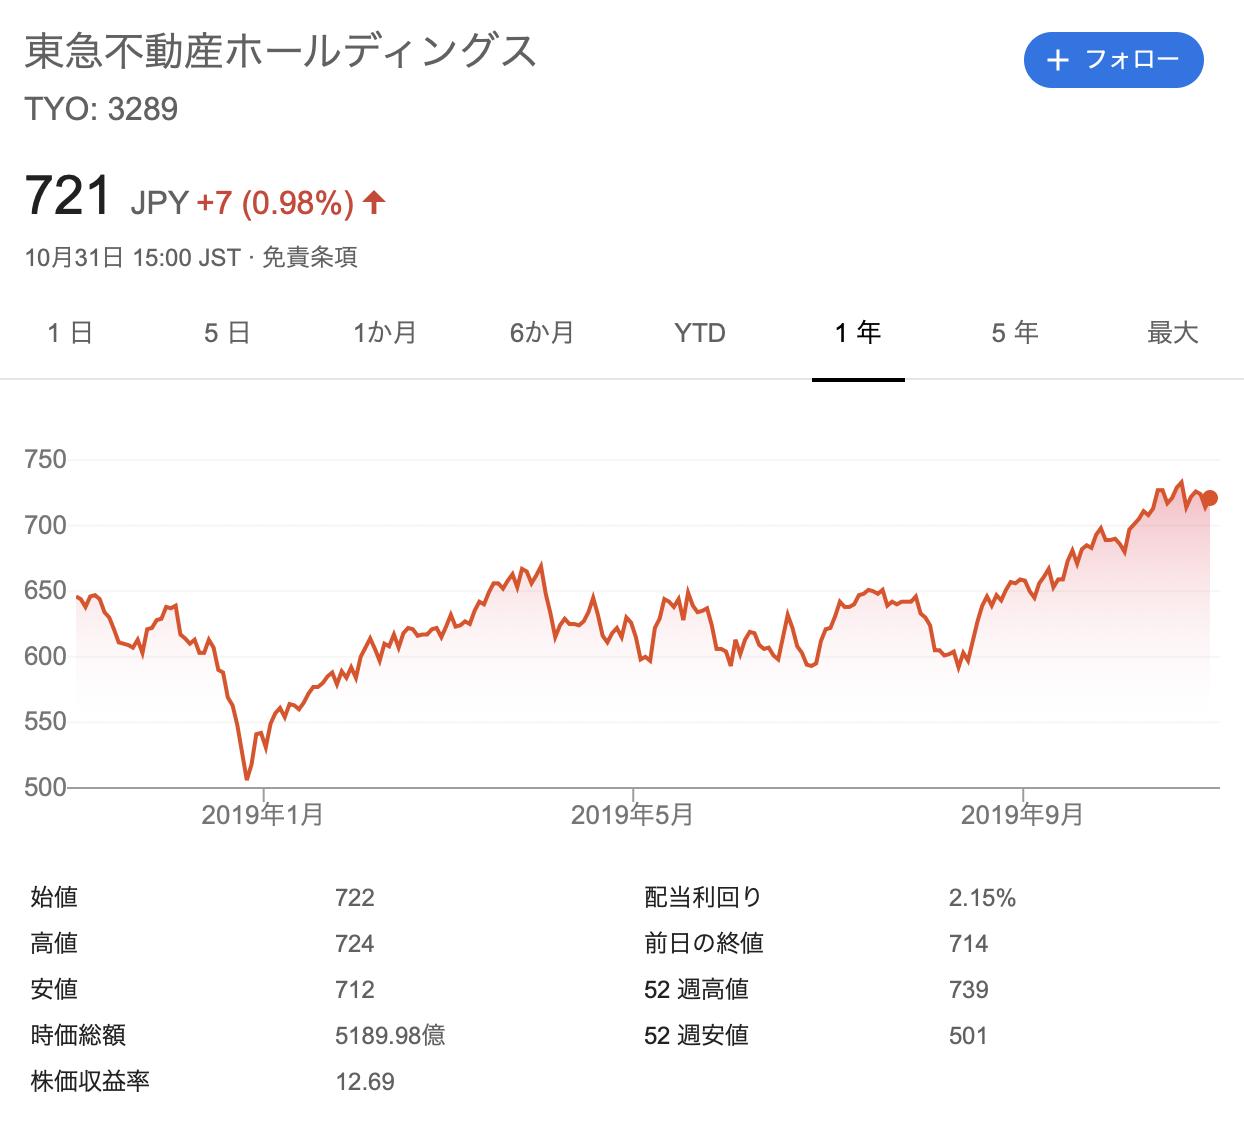 東急不動産ホールディングス 株価